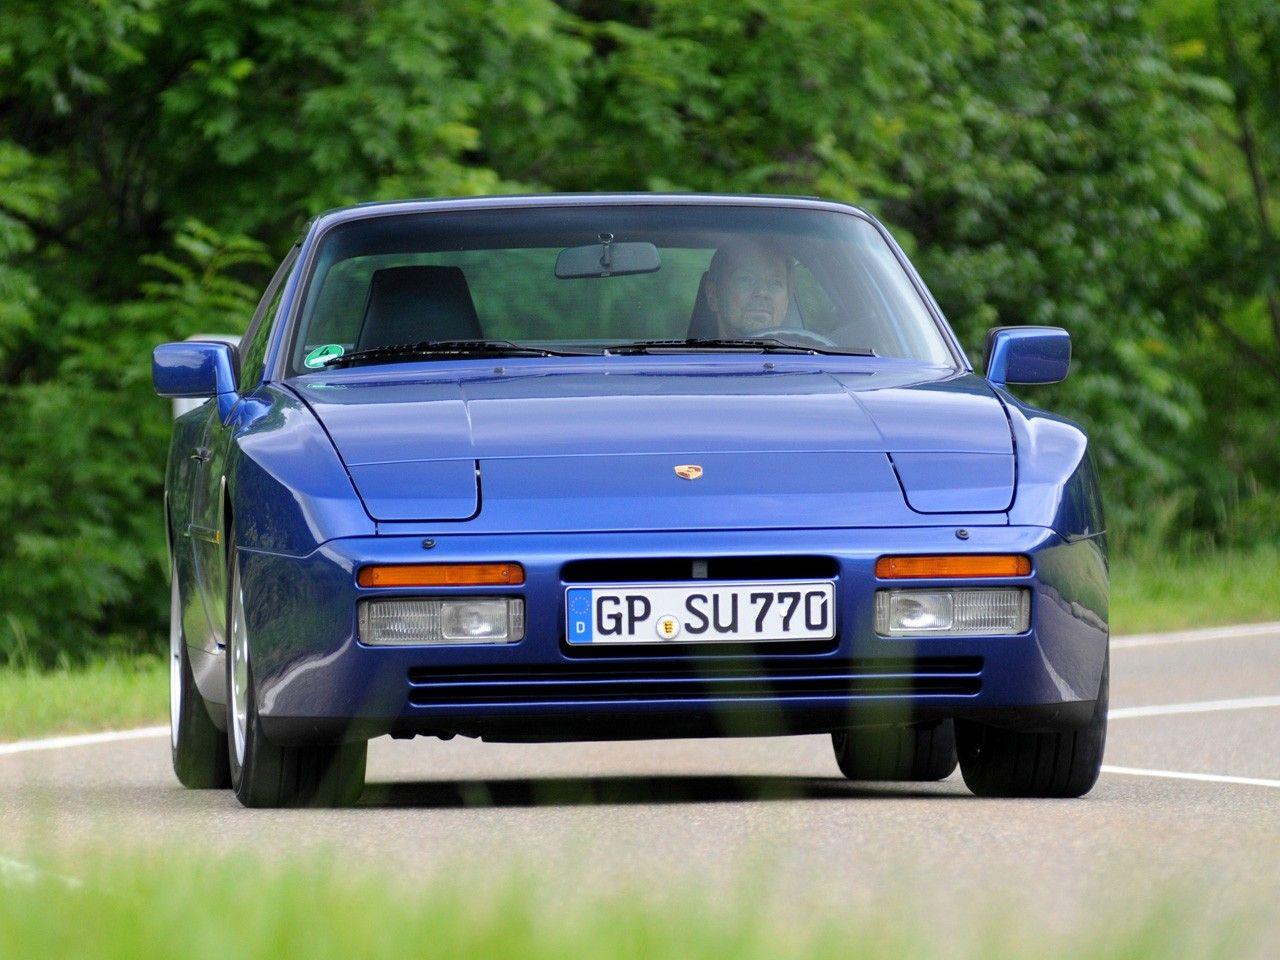 Porsche 944 Turboturbo S 951 1985 1990 Porsche 944